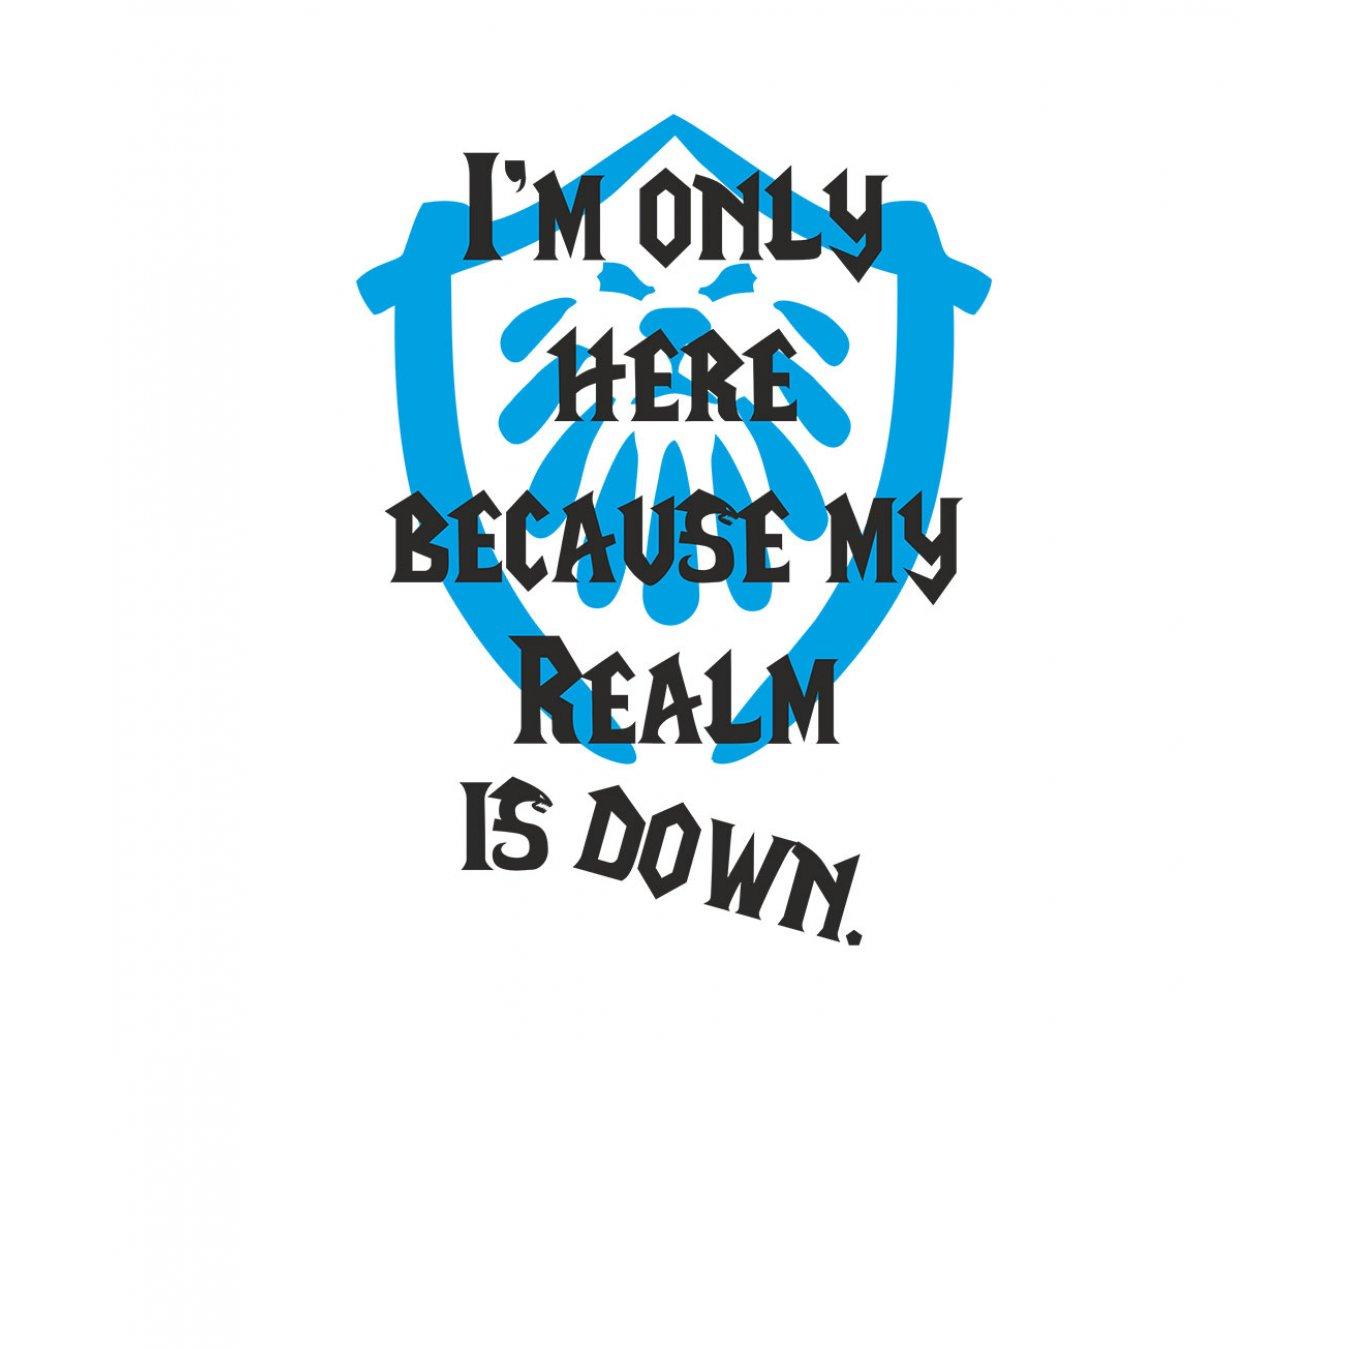 19b07dceb67 Тениска WOW - World of WarCraft Бяла - със забавен надпис и синьо лого на  Алианса